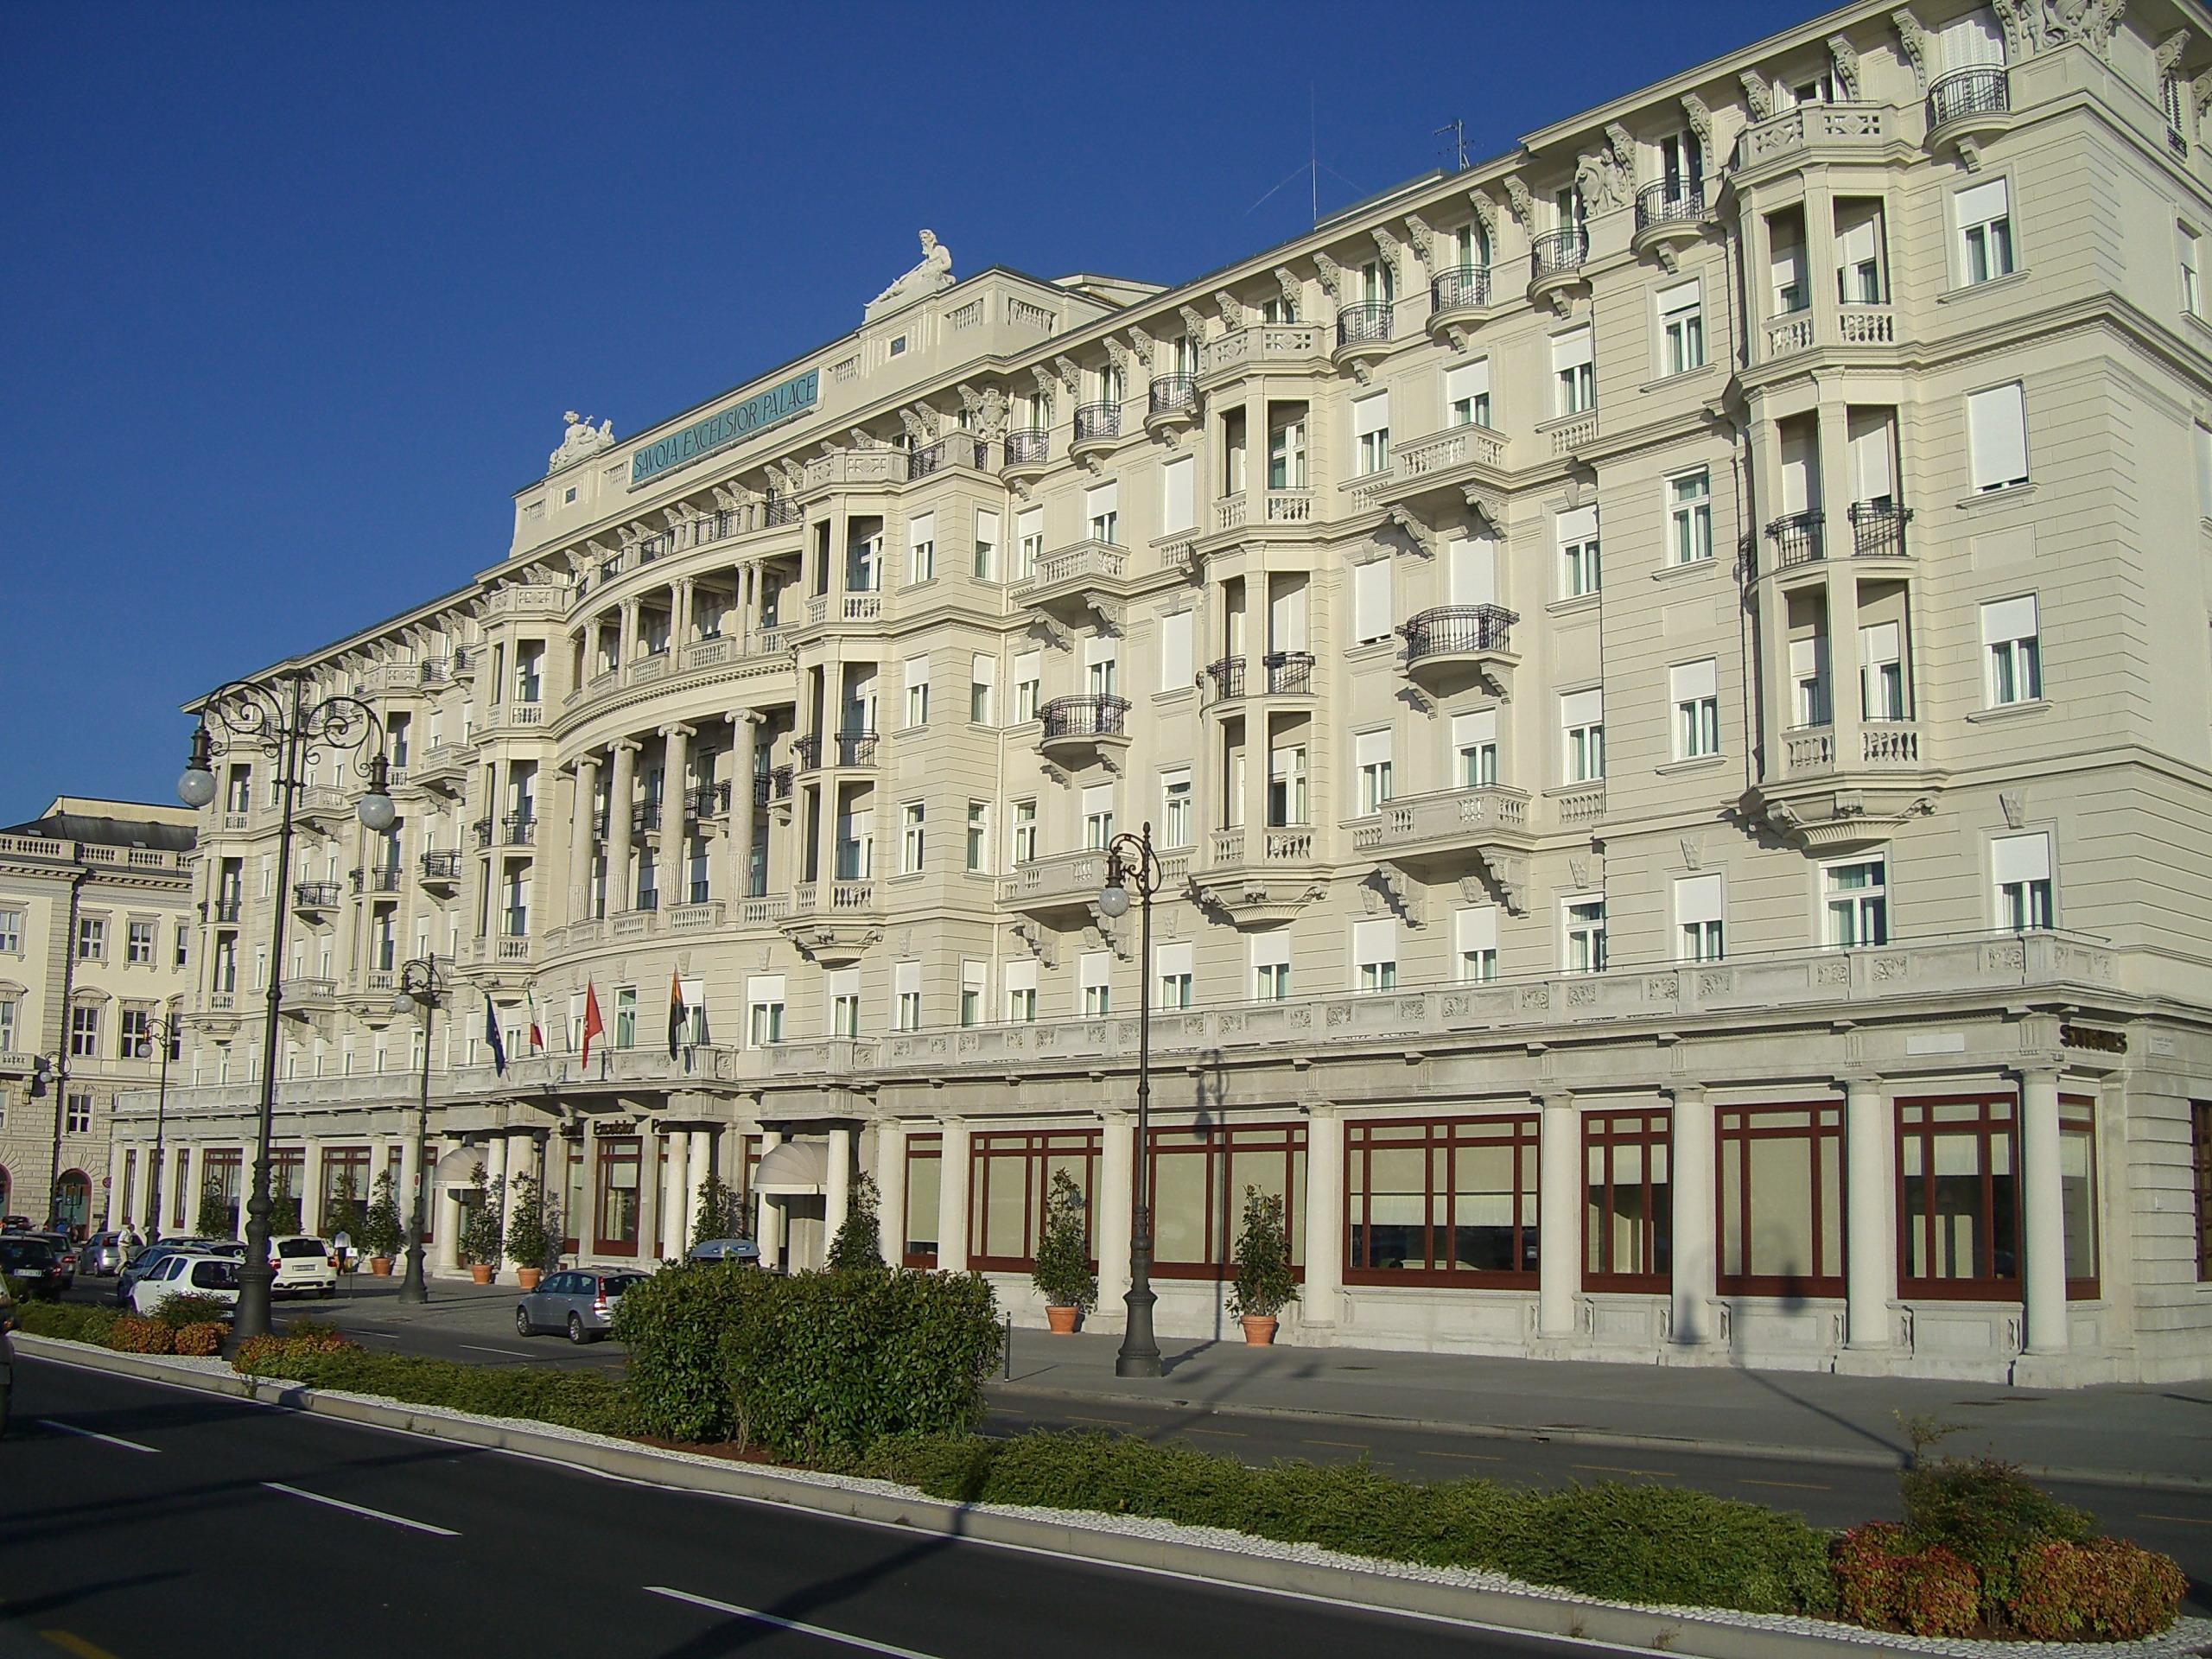 excelsior-palace-hotel-secret-world